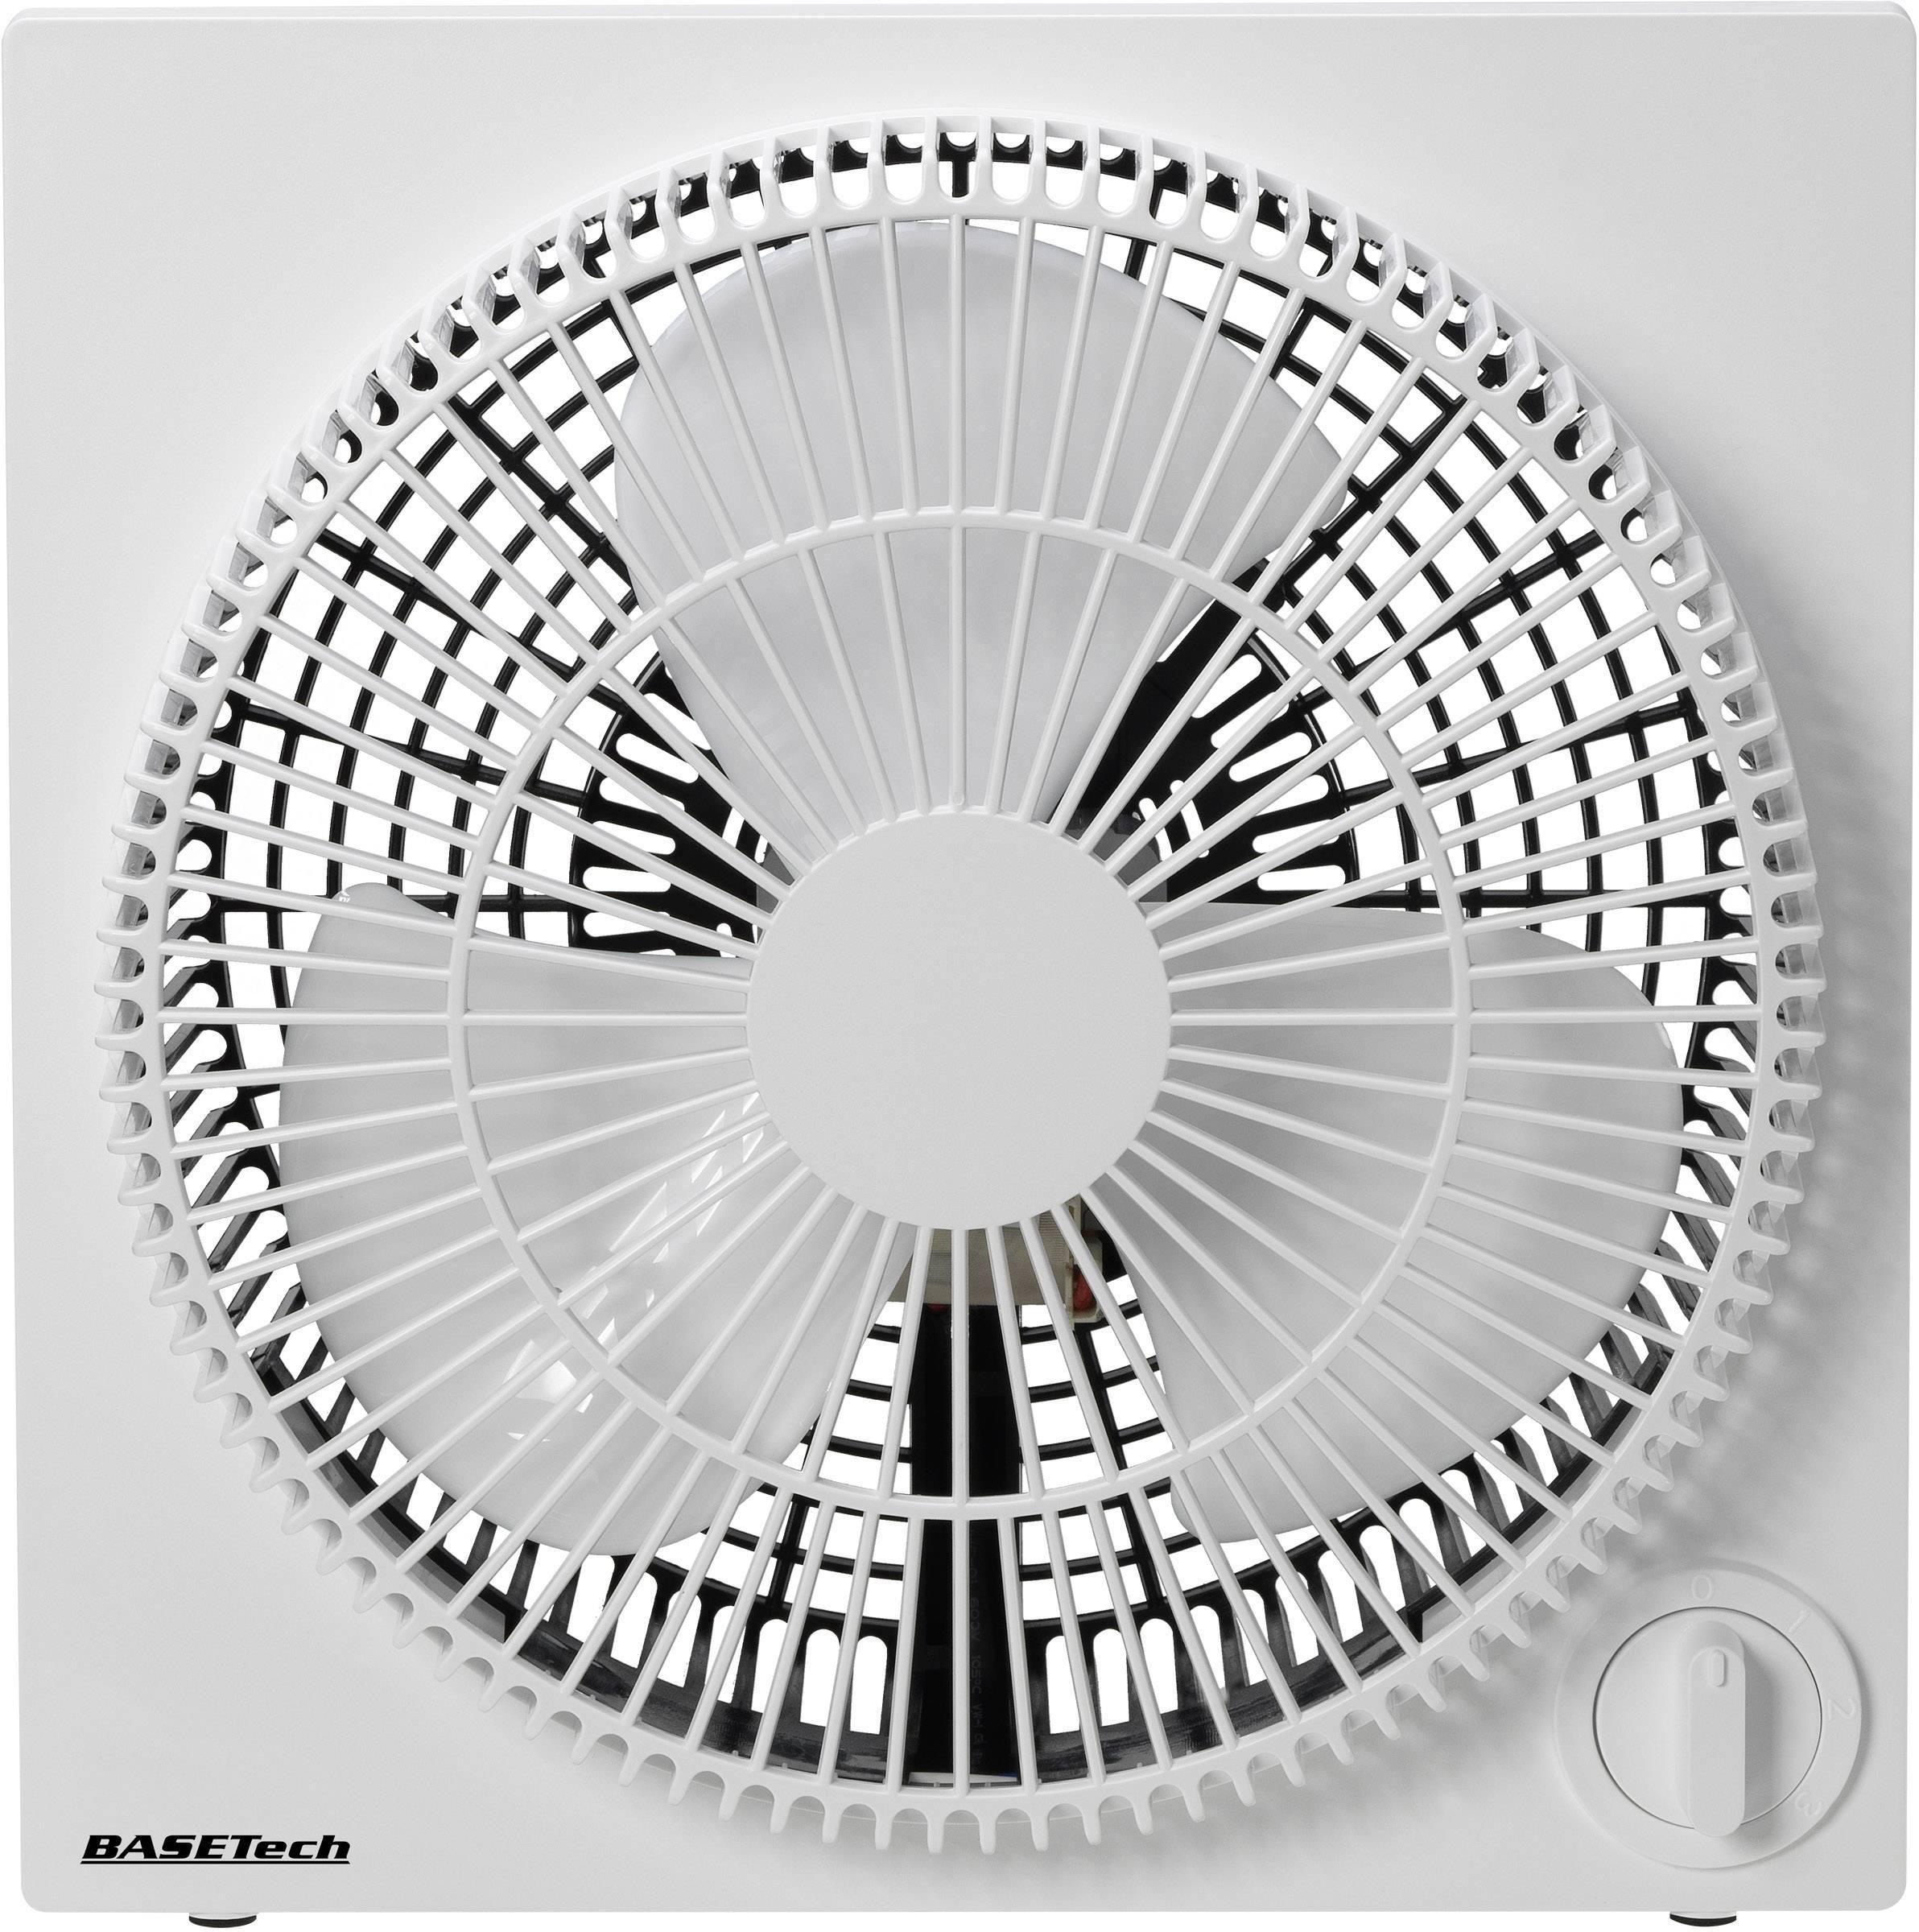 Stolní ventilátor Basetech VE-5925PR, 34 W, bílá, černá